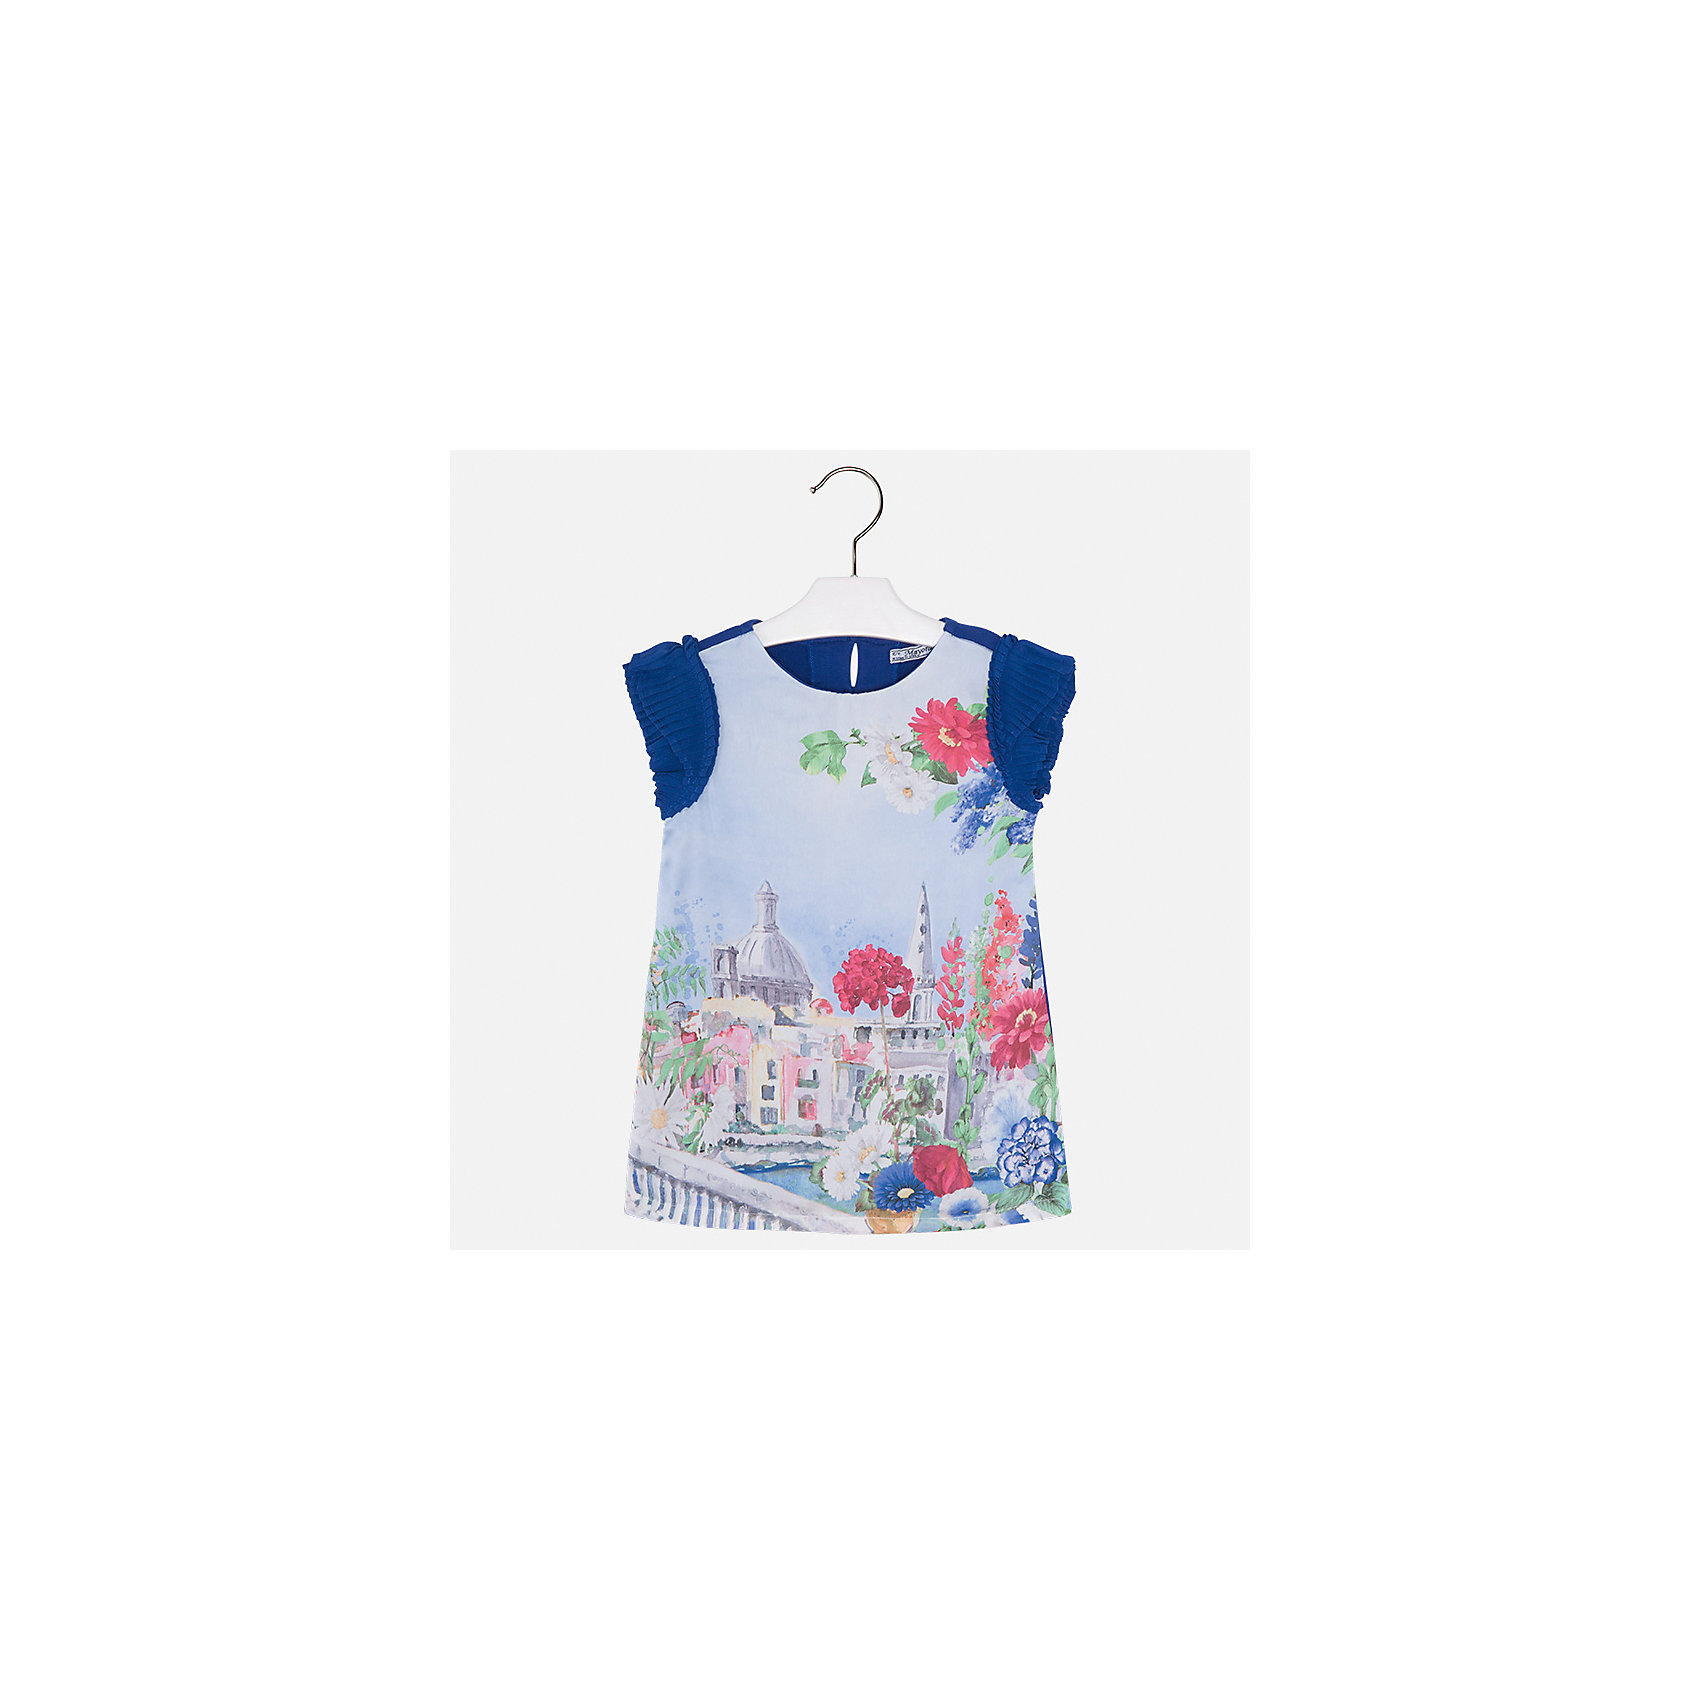 Платье для девочки MayoralПлатья и сарафаны<br>Характеристики товара:<br><br>• цвет: синий/голубой<br>• состав: 70% полиэстер, 28% хлопок, 2% эластан, подкладка - 95% хлопок, 5% эластан<br>• застежка: молния<br>• принт<br>• объемные короткие рукава<br>• прямой силуэт<br>• с подкладкой<br>• страна бренда: Испания<br><br>Эффектное платье для девочки поможет разнообразить гардероб ребенка и создать эффектный наряд. Оно отлично подойдет и для торжественных случаев. Красивый оттенок позволяет подобрать к вещи обувь разных расцветок. В составе материала подкладки - натуральный хлопок, гипоаллергенный, приятный на ощупь, дышащий. Платье хорошо сидит по фигуре.<br><br>Одежда, обувь и аксессуары от испанского бренда Mayoral полюбились детям и взрослым по всему миру. Модели этой марки - стильные и удобные. Для их производства используются только безопасные, качественные материалы и фурнитура. Порадуйте ребенка модными и красивыми вещами от Mayoral! <br><br>Платье для девочки от испанского бренда Mayoral (Майорал) можно купить в нашем интернет-магазине.<br><br>Ширина мм: 236<br>Глубина мм: 16<br>Высота мм: 184<br>Вес г: 177<br>Цвет: синий<br>Возраст от месяцев: 96<br>Возраст до месяцев: 108<br>Пол: Женский<br>Возраст: Детский<br>Размер: 134,92,98,104,110,116,122,128<br>SKU: 5291207